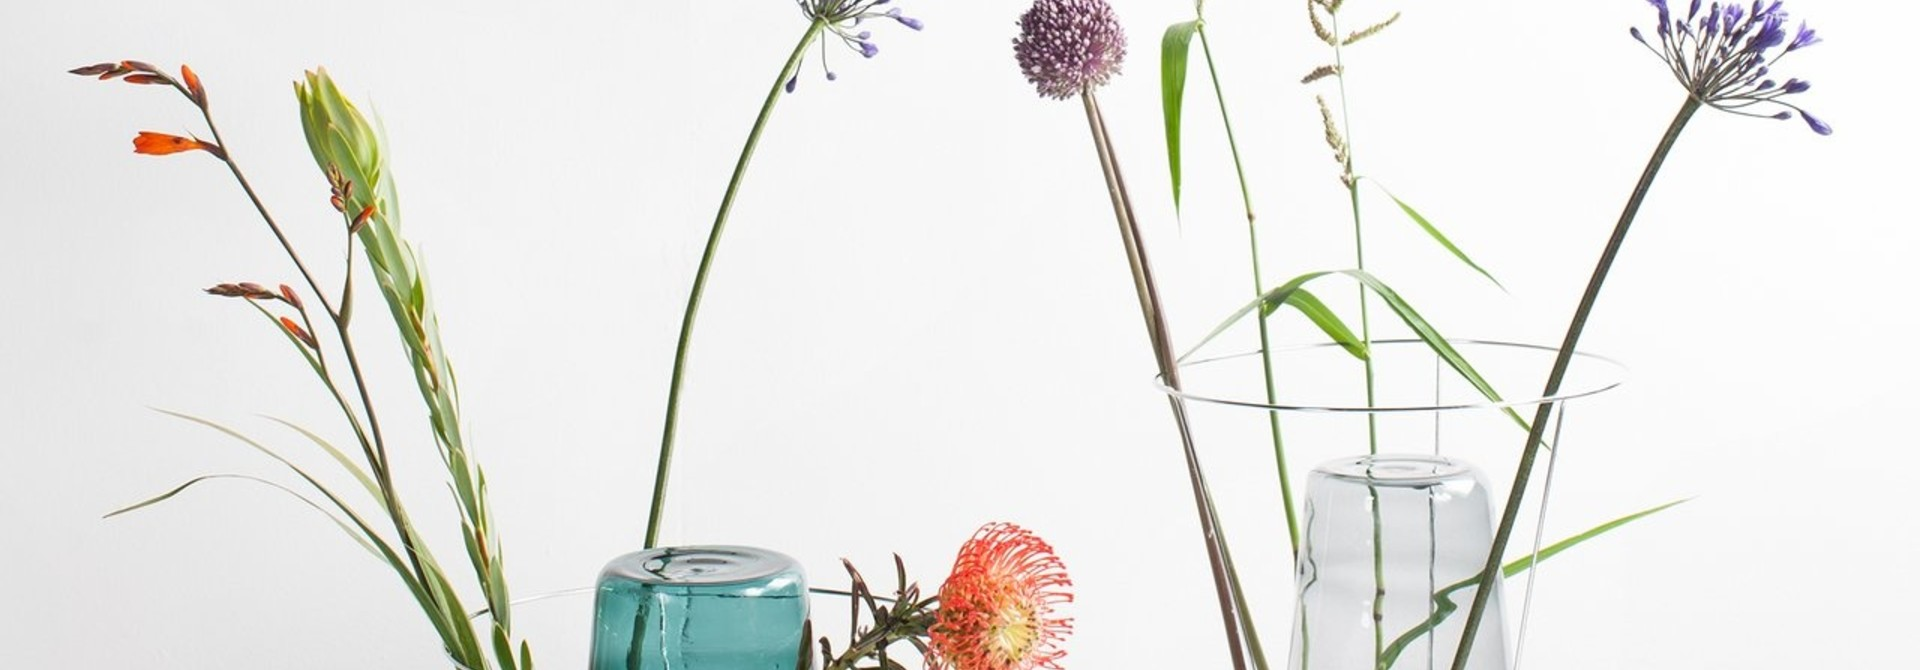 Hidden Vase - Teal